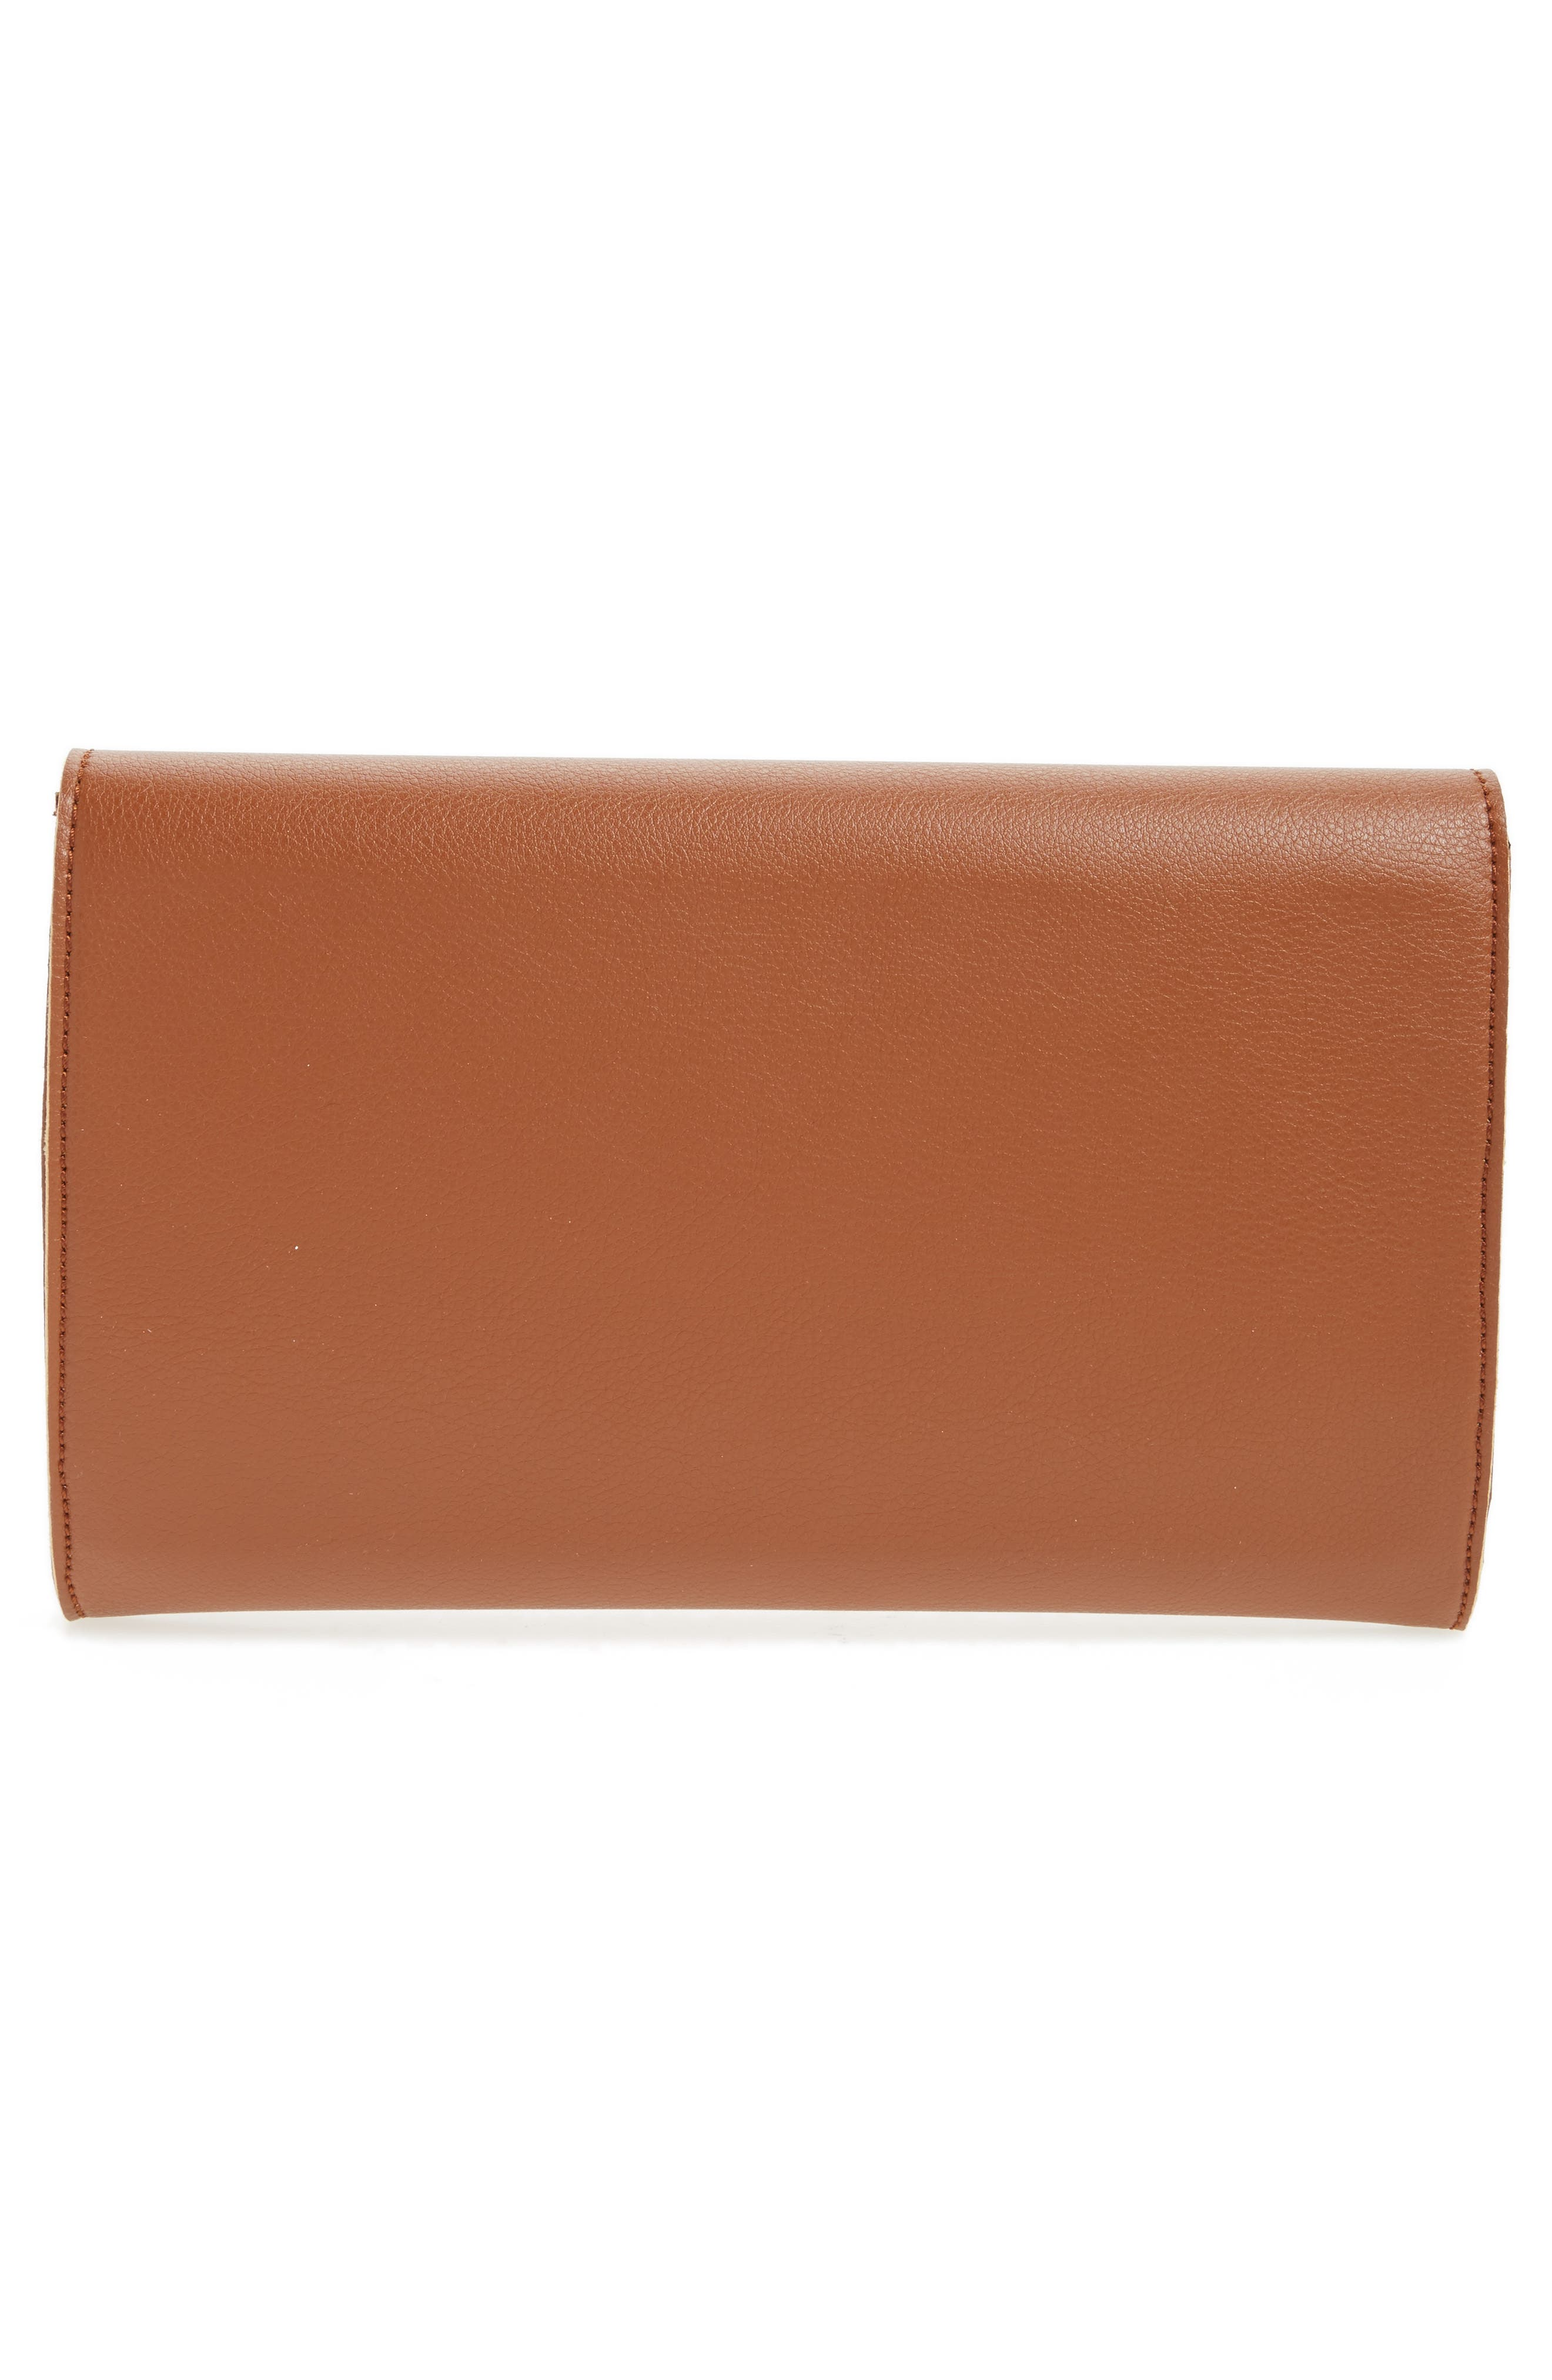 Chain Faux Leather Envelope Clutch,                             Alternate thumbnail 2, color,                             Cognac